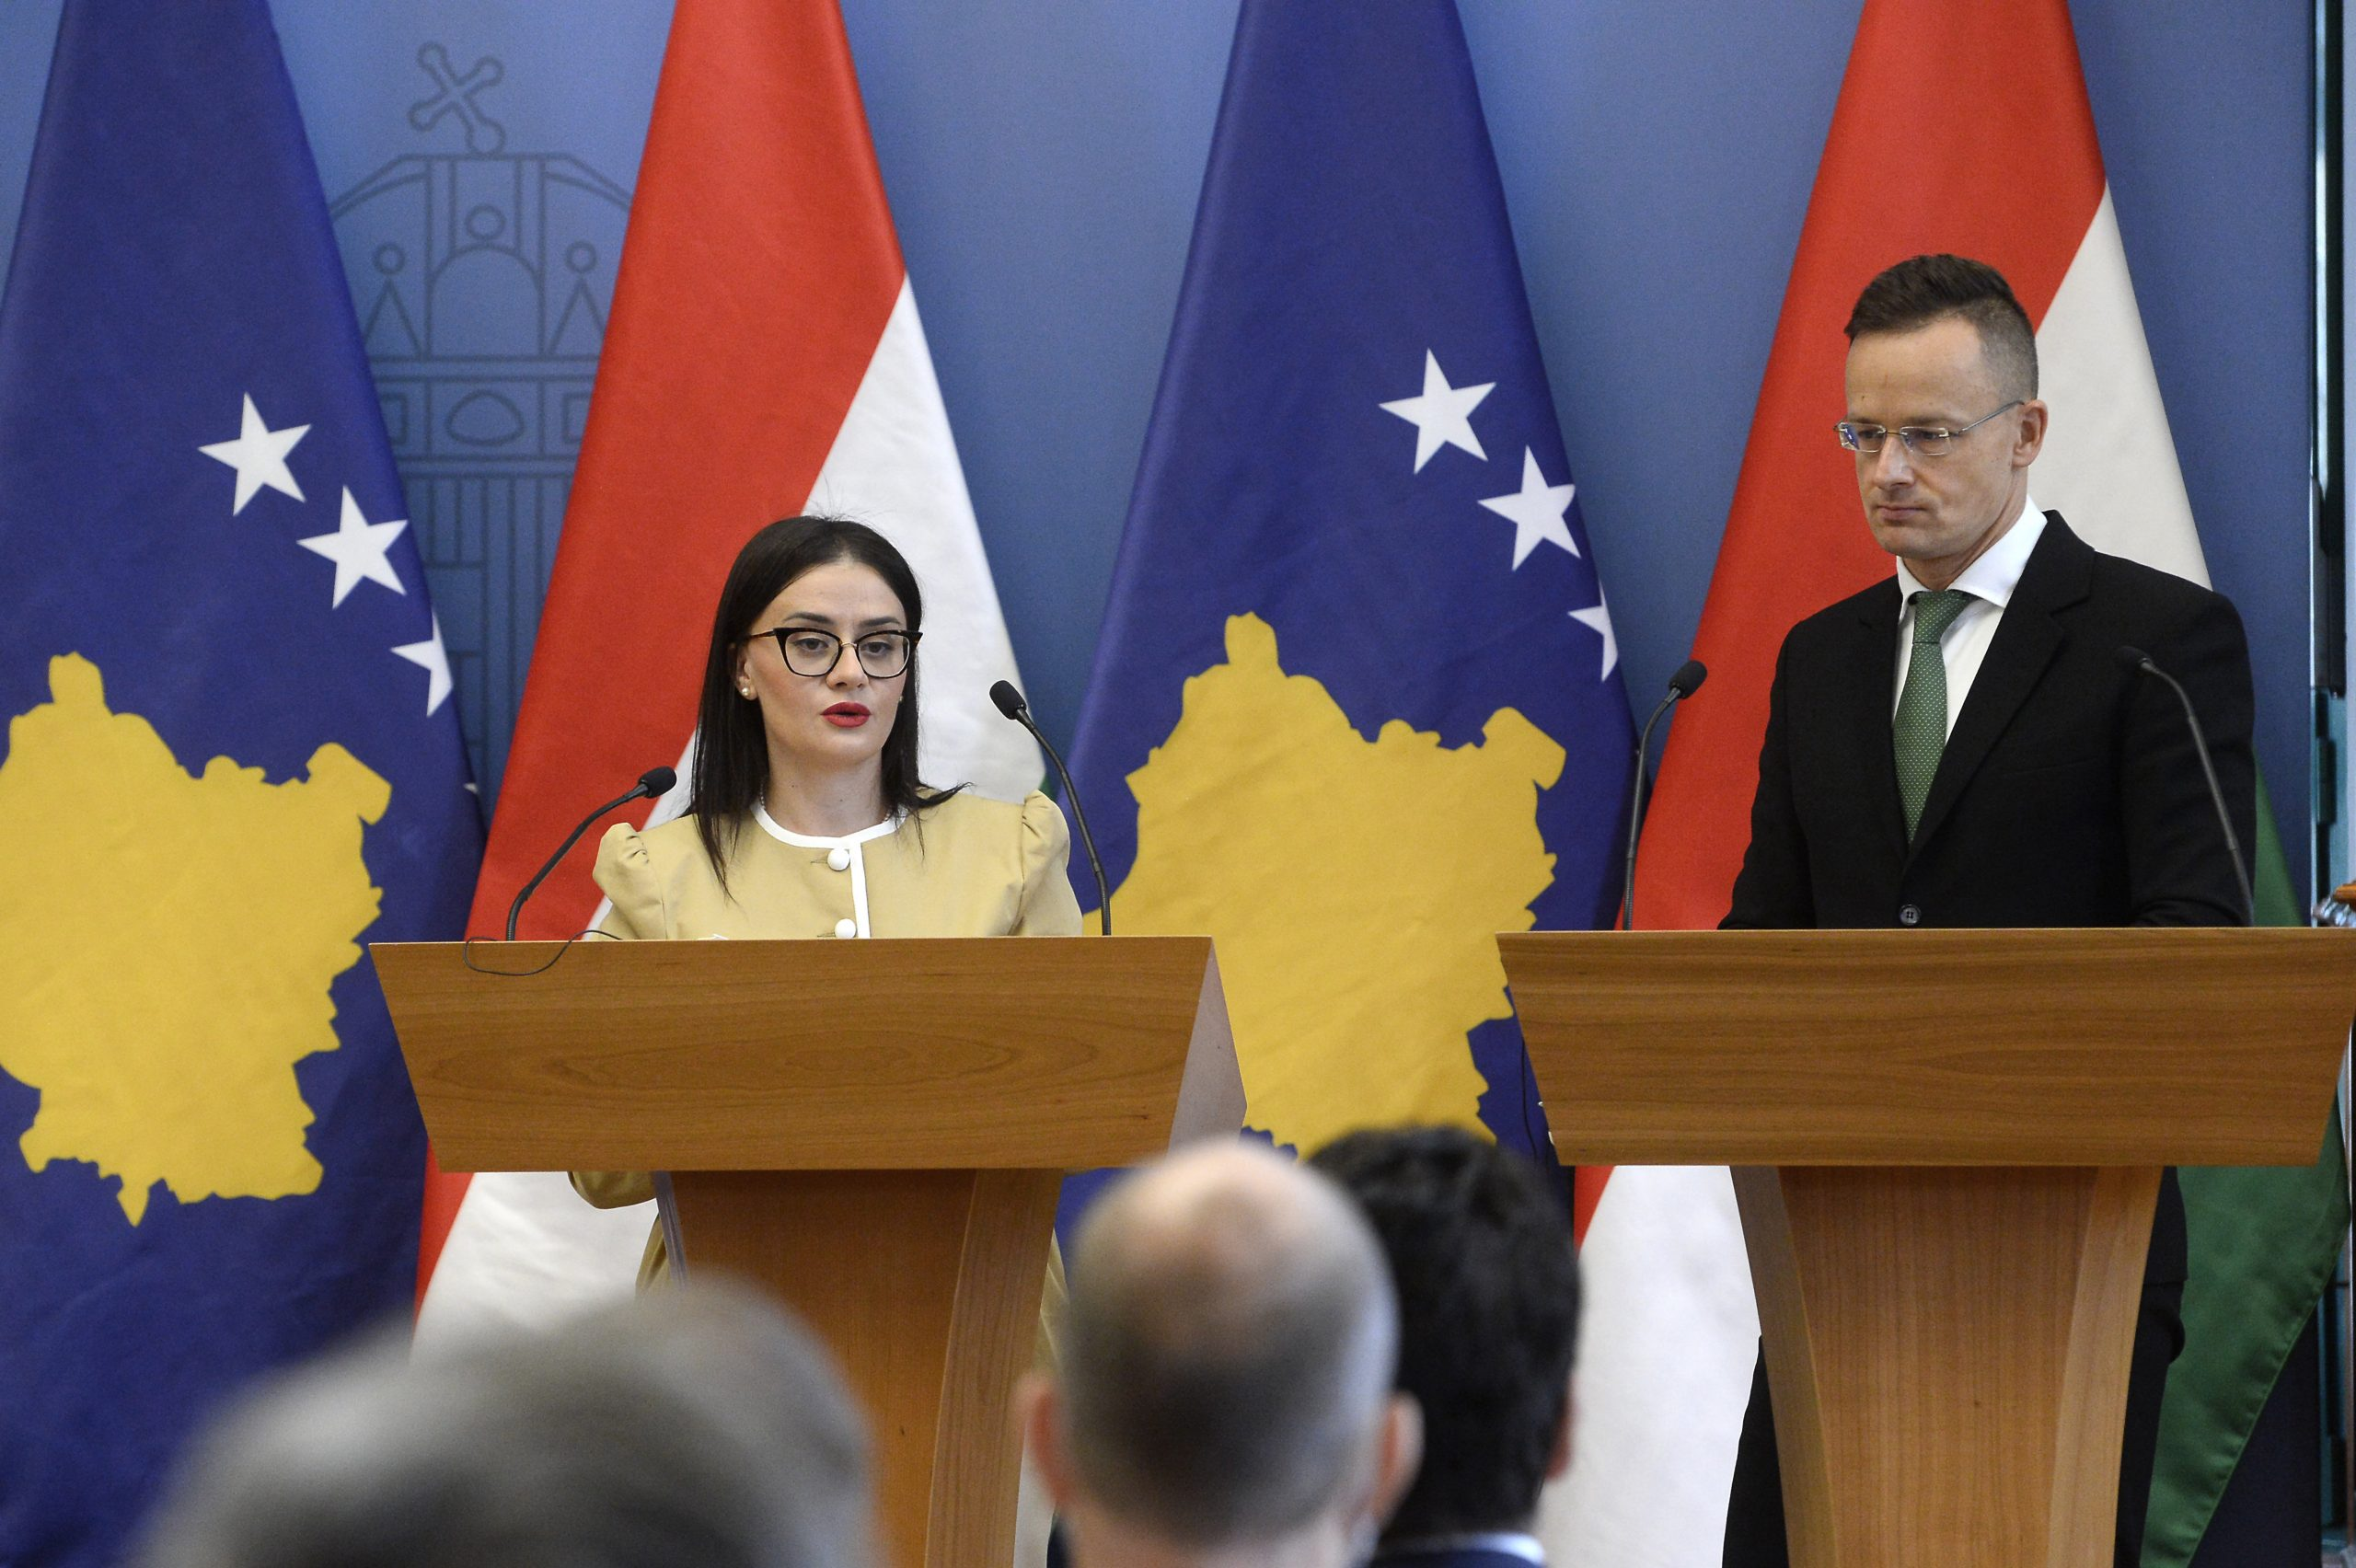 FM Szijjártó Meets Kosovo's FM: W Balkans' EU Integration Hungary's Strategic Interest